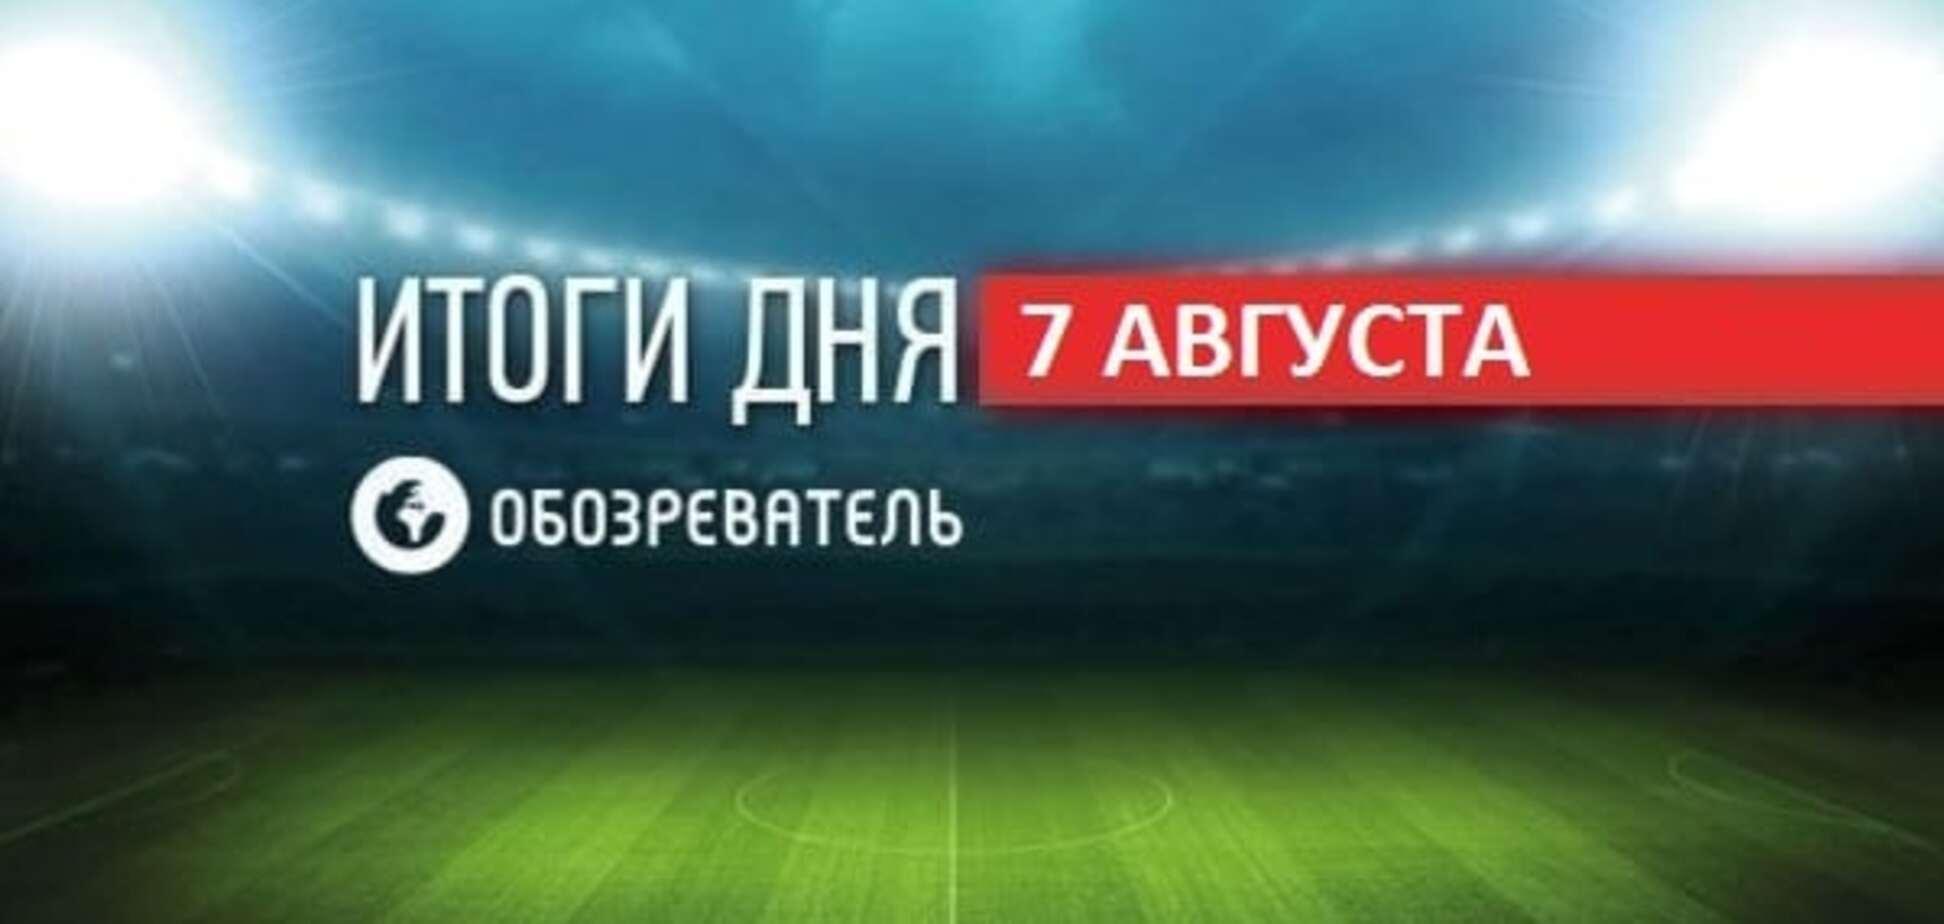 Россию отстранили от Паралимпиады-2016. Спортивные итоги 7 августа